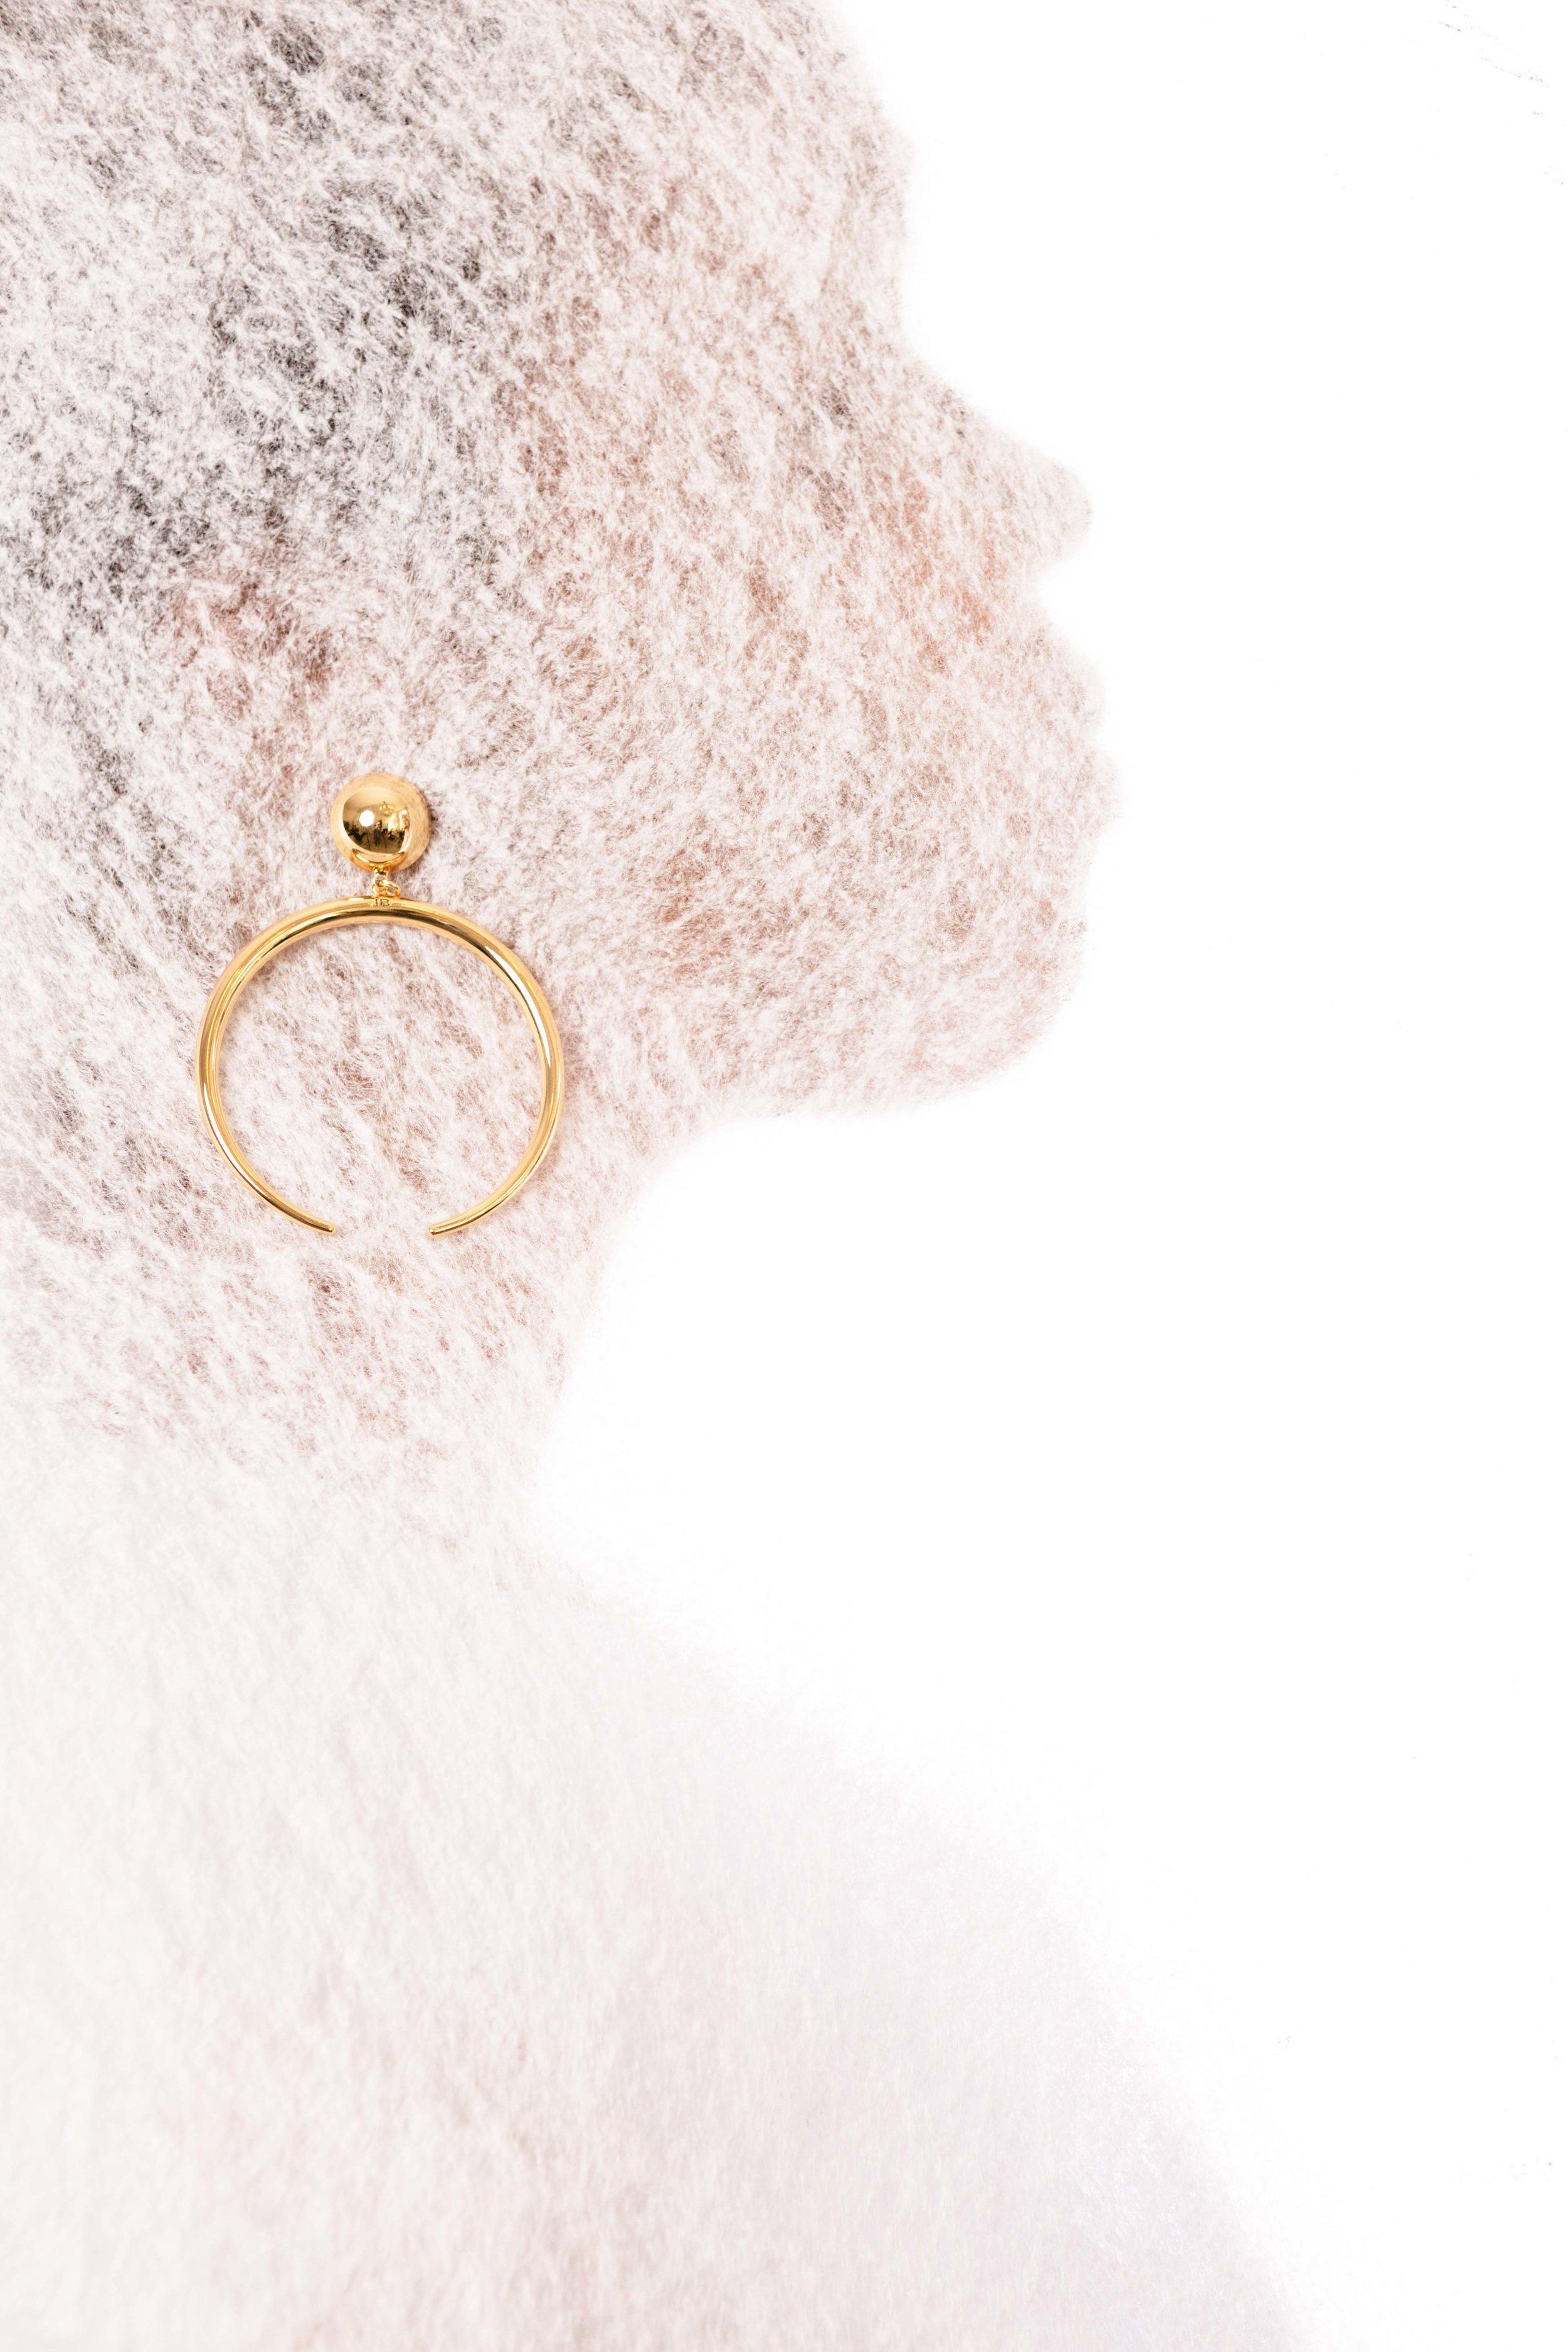 [natashaboyesphoto] Keishi Jewellery _ modelled product 2018-05-14 at 11.11.54 am 10.jpg